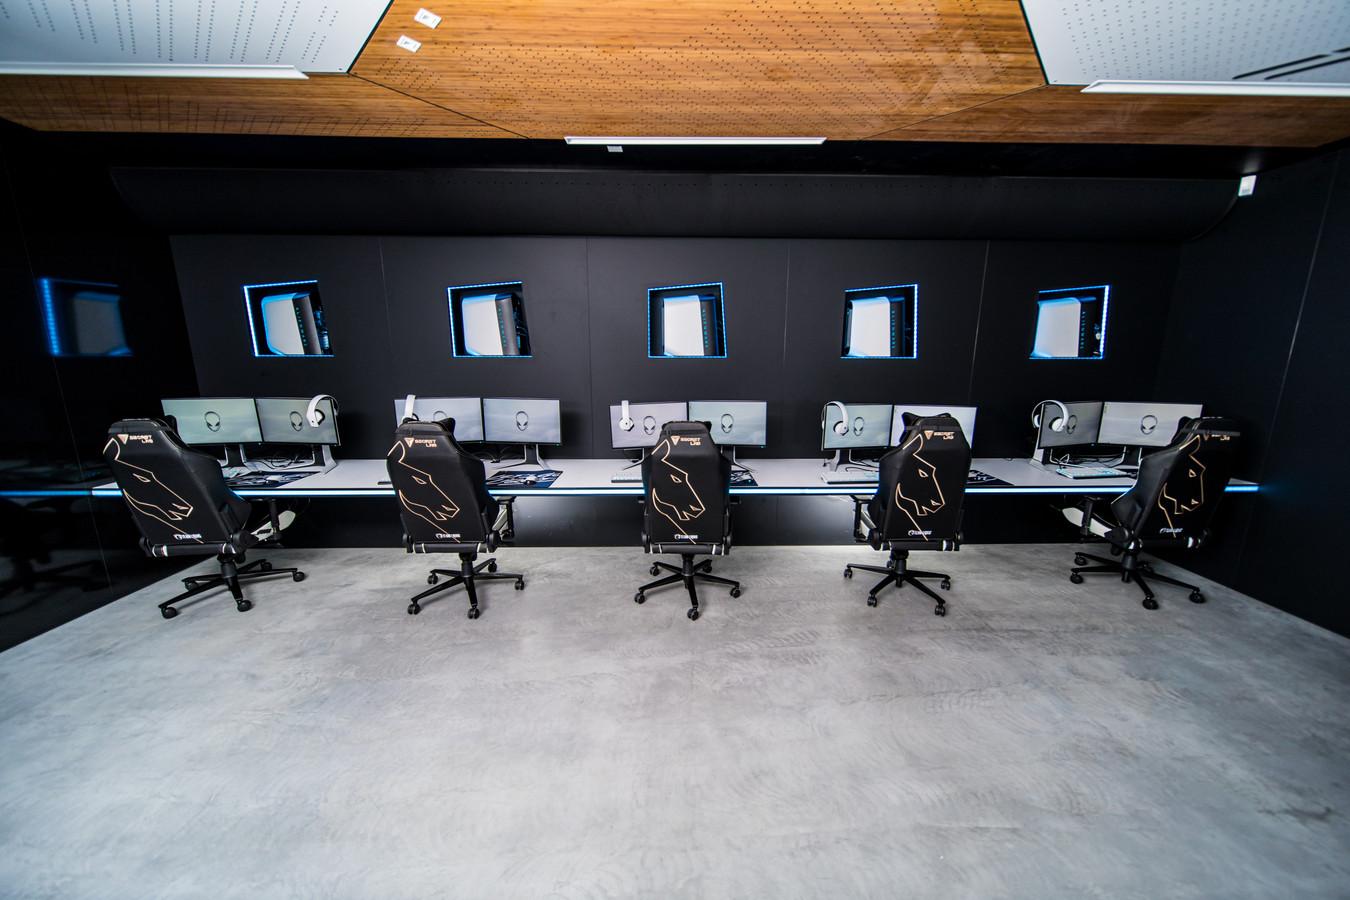 In de Alienware Training Facility kunnen spelers van Team Liquid in een optimale omgeving trainen voor esportswedstrijden.